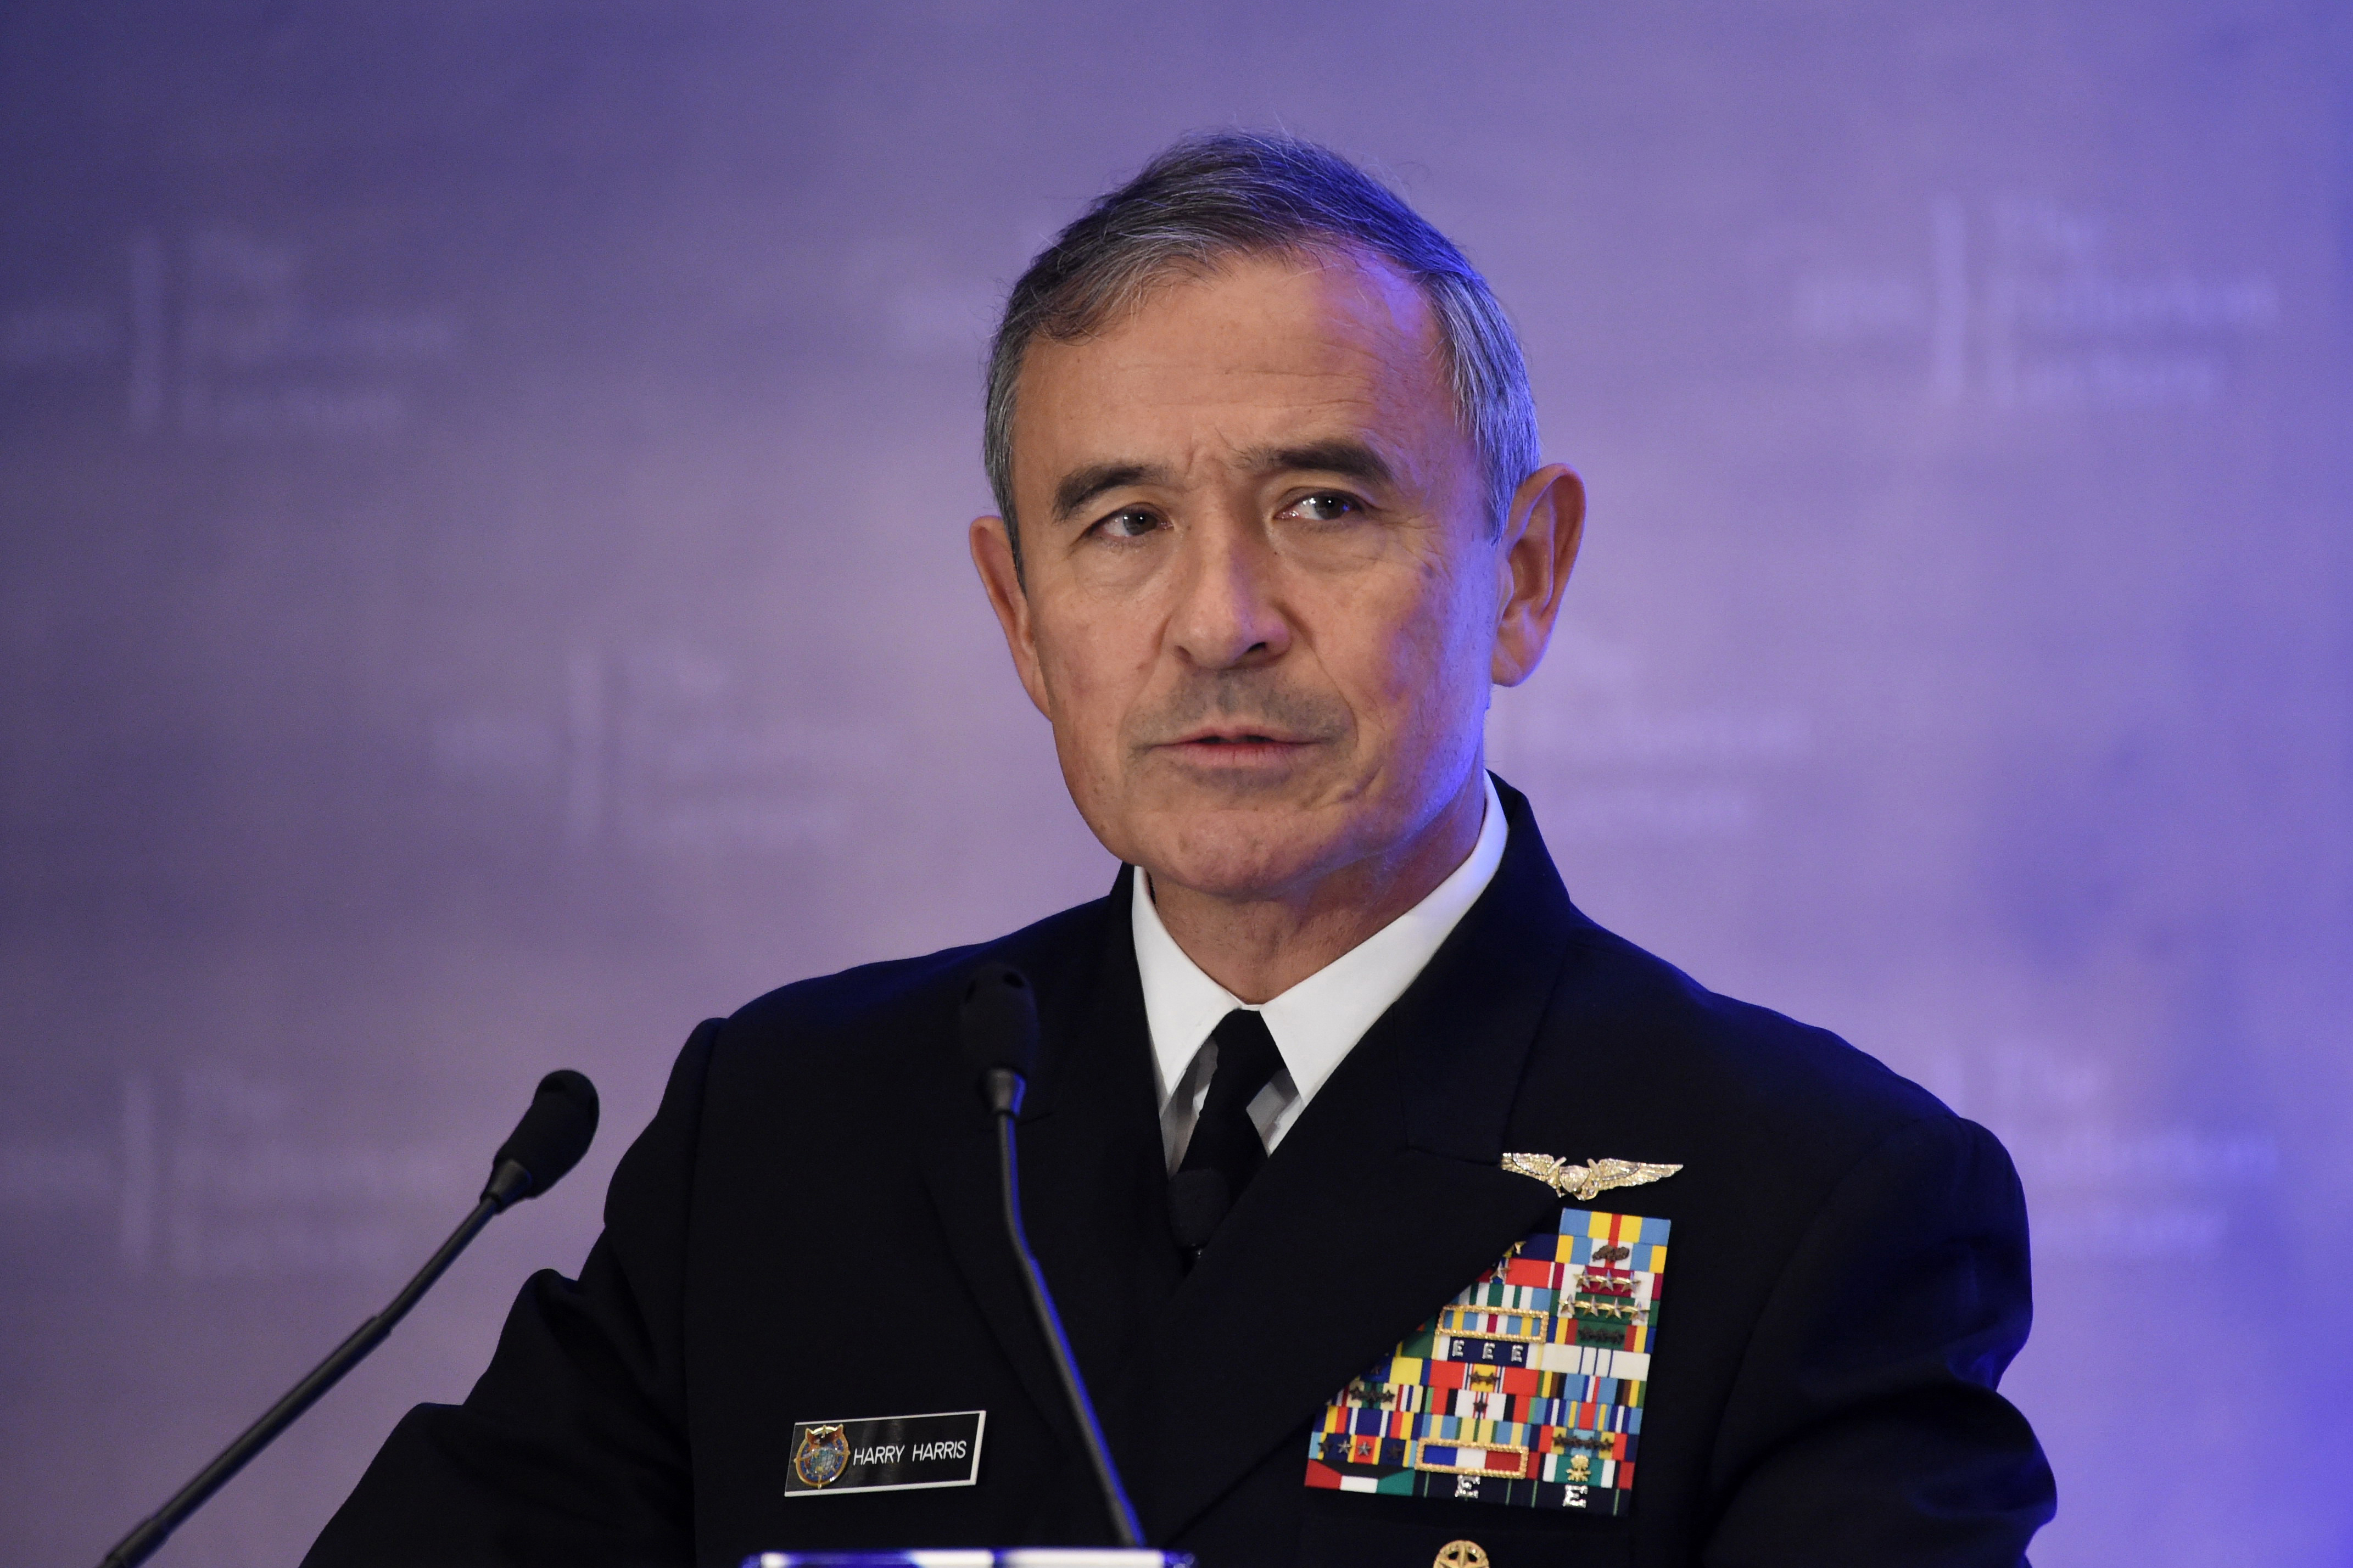 Kínai-amerikai háborútól tart az amerikai haditengerészet tengernagya